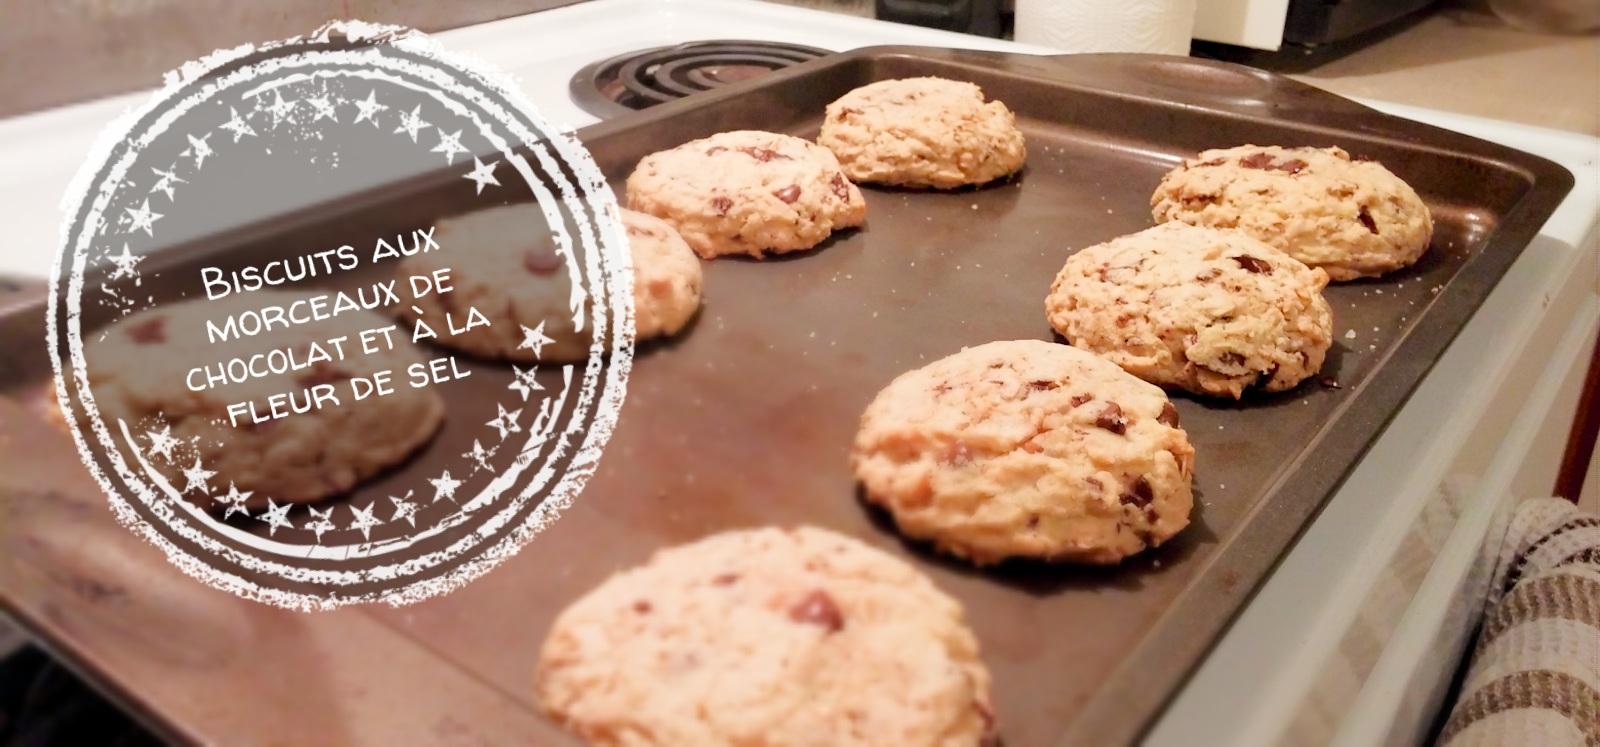 Biscuits aux morceaux de chocolat et à la fleur de sel - Auboutdelalangue.com